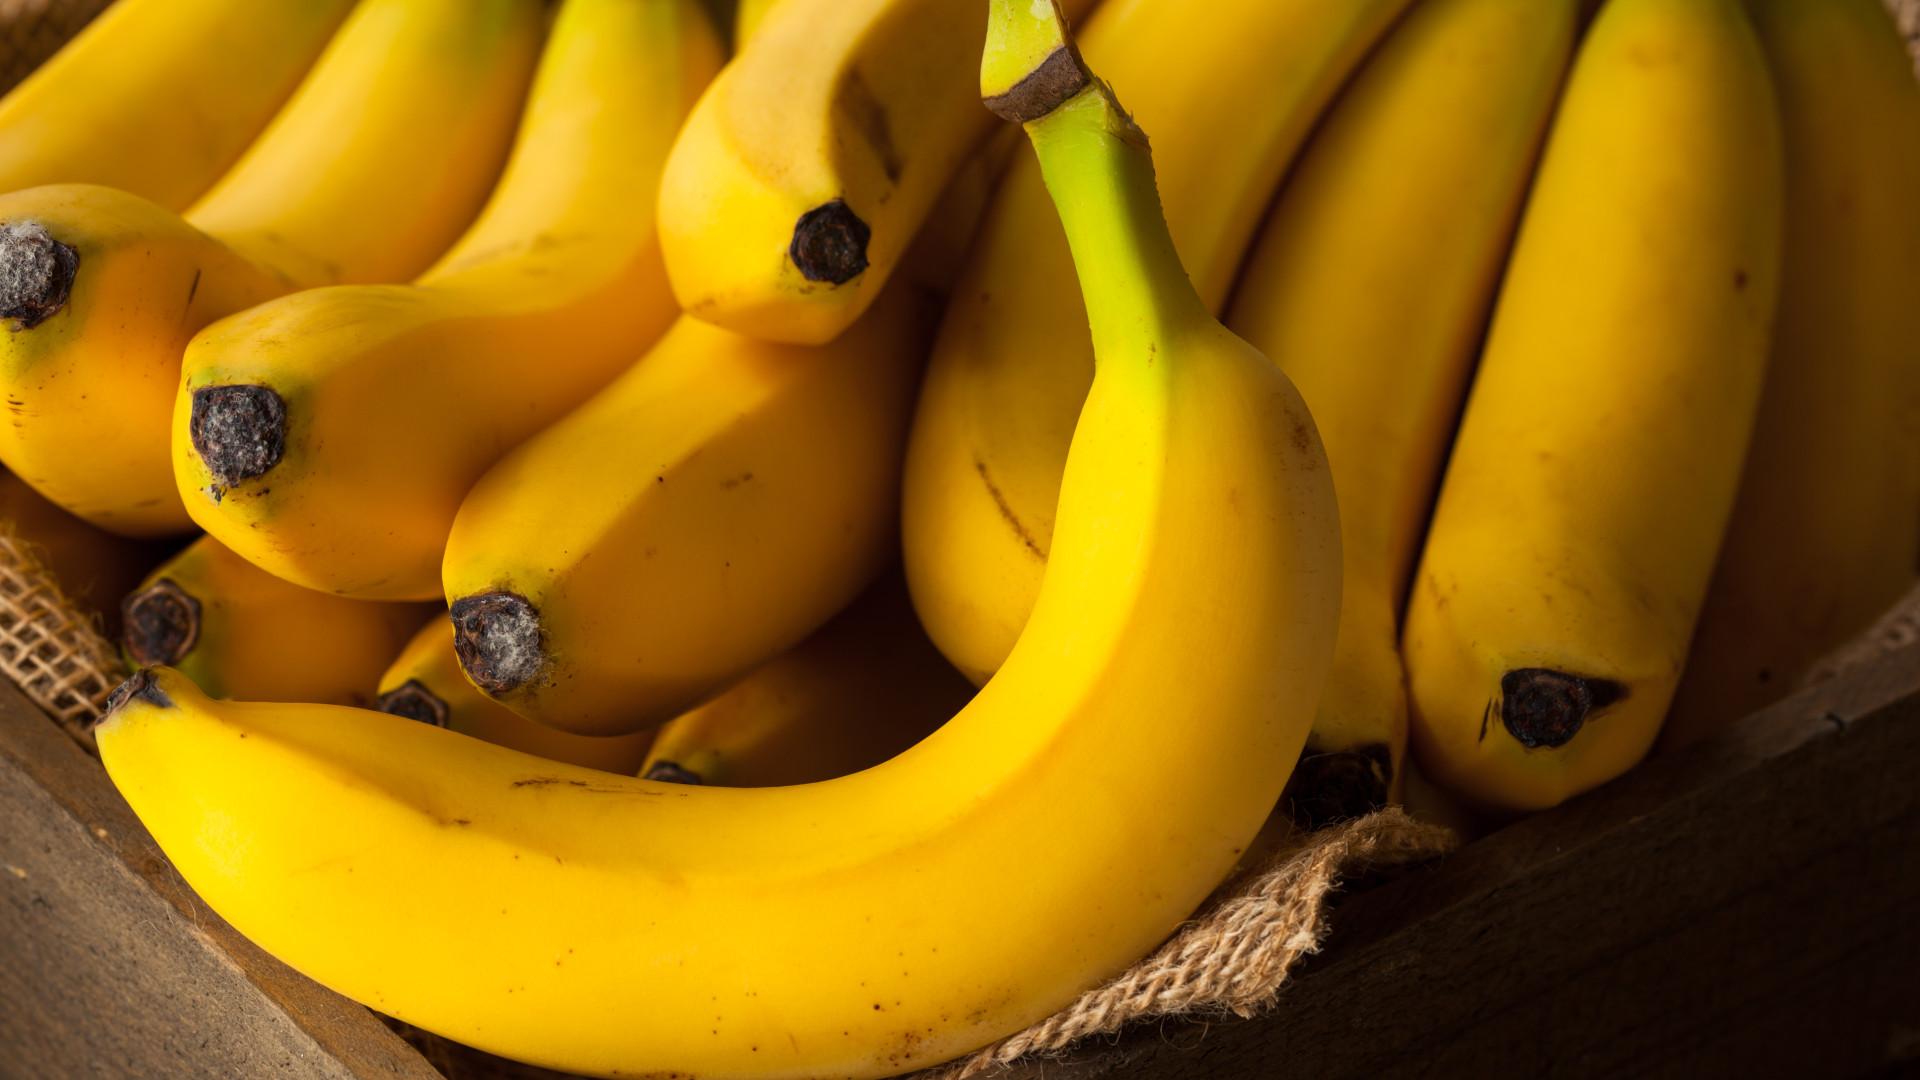 Bananas verdes e maduras têm benefícios distintos. Saiba quais escolher?